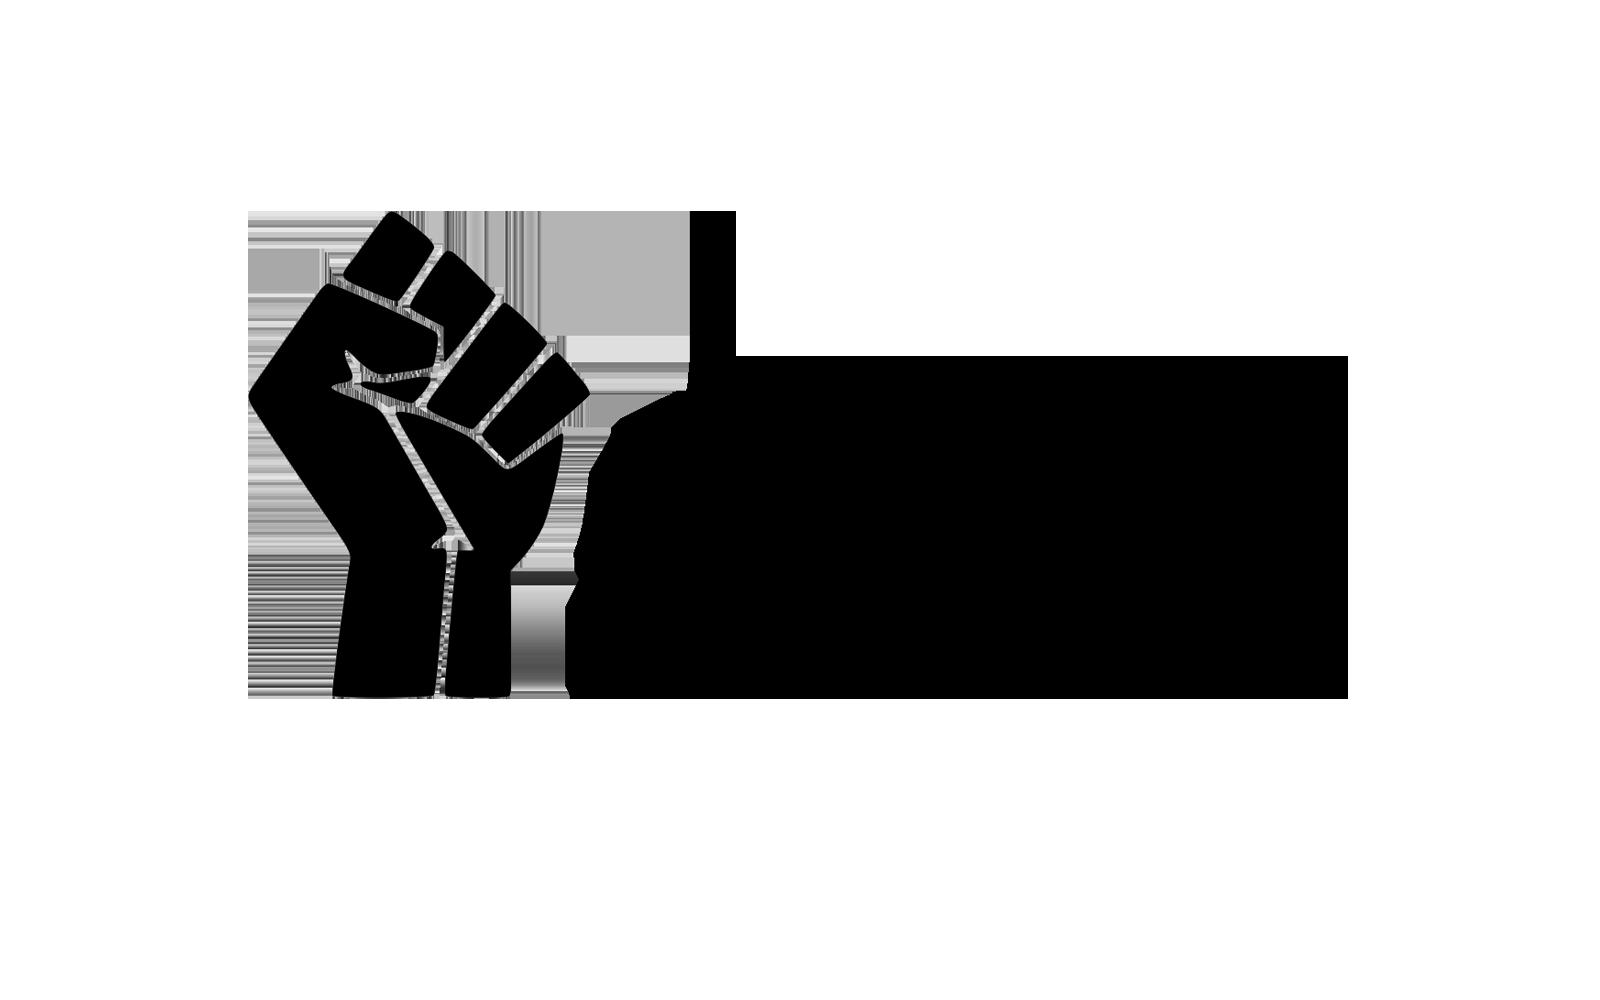 Utiliser la technologie pour « aller parler aux gens » avec Black Lives Matter